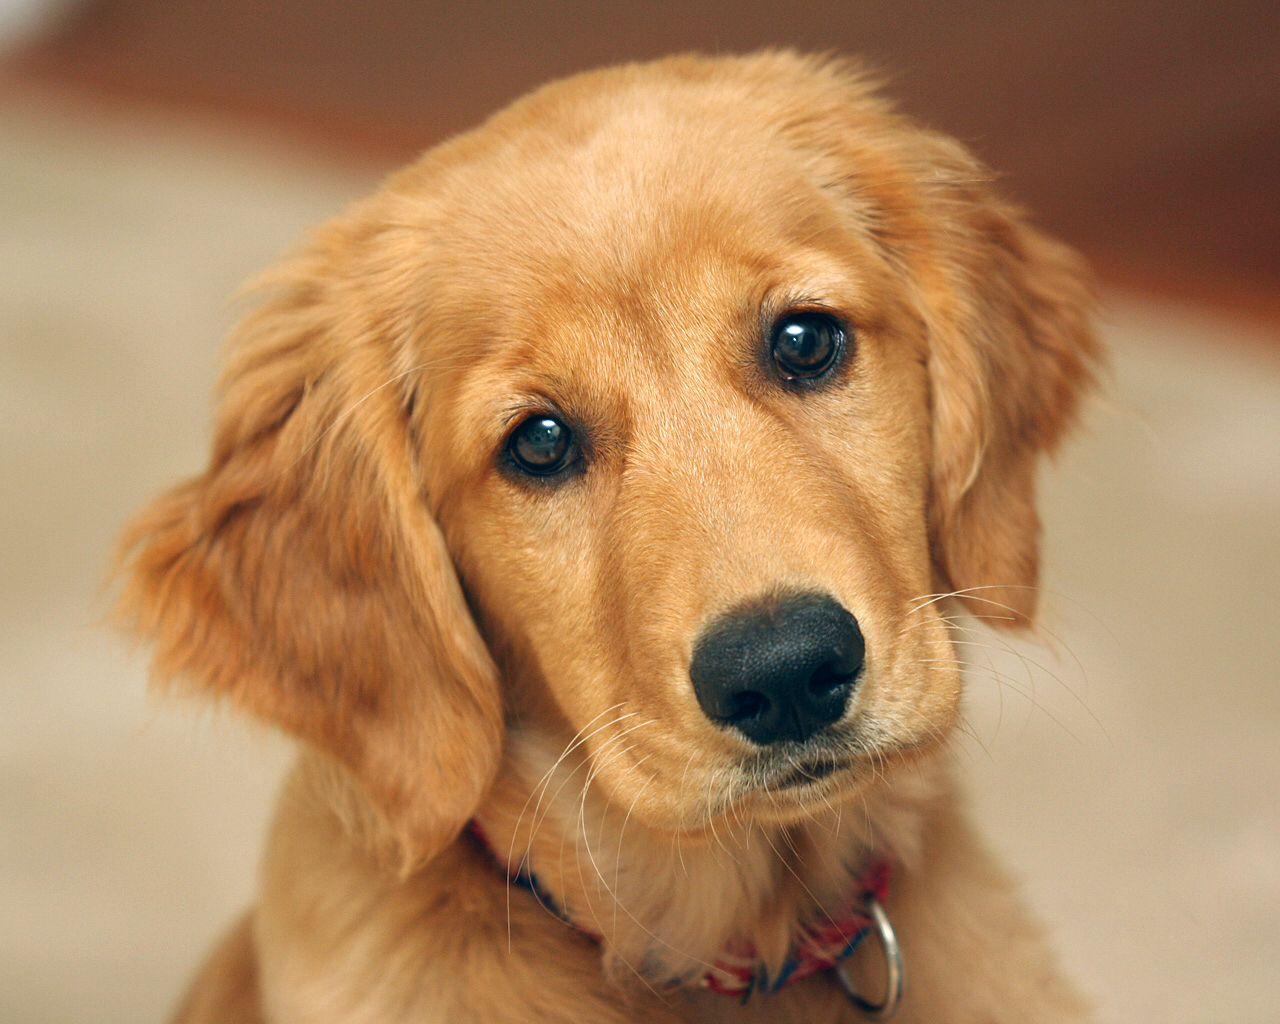 Puppy Dog Eyes Retriever Puppy Golden Retriever Puppy Dogs